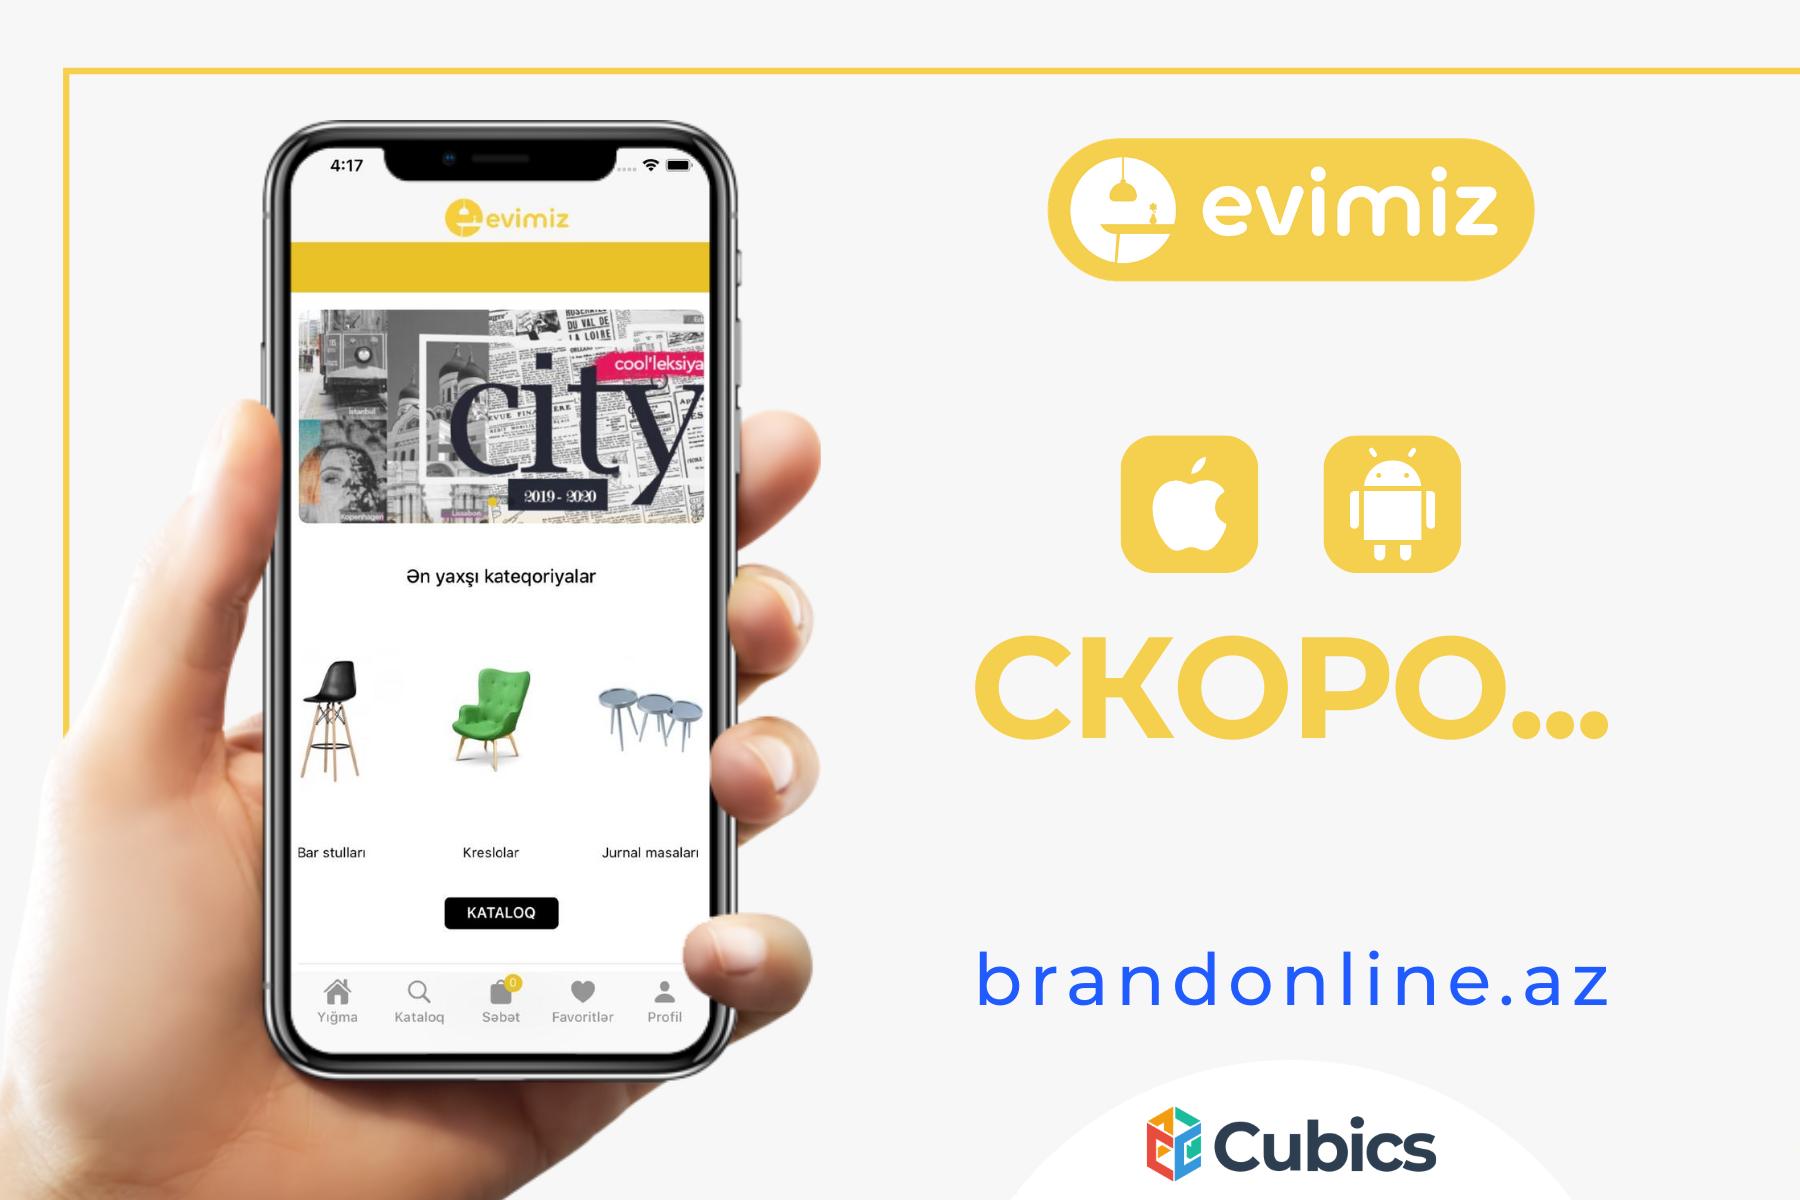 Evimiz и CUBICS договорились о создании онлайн-магазина товаров для дома на технологии Brandonline!